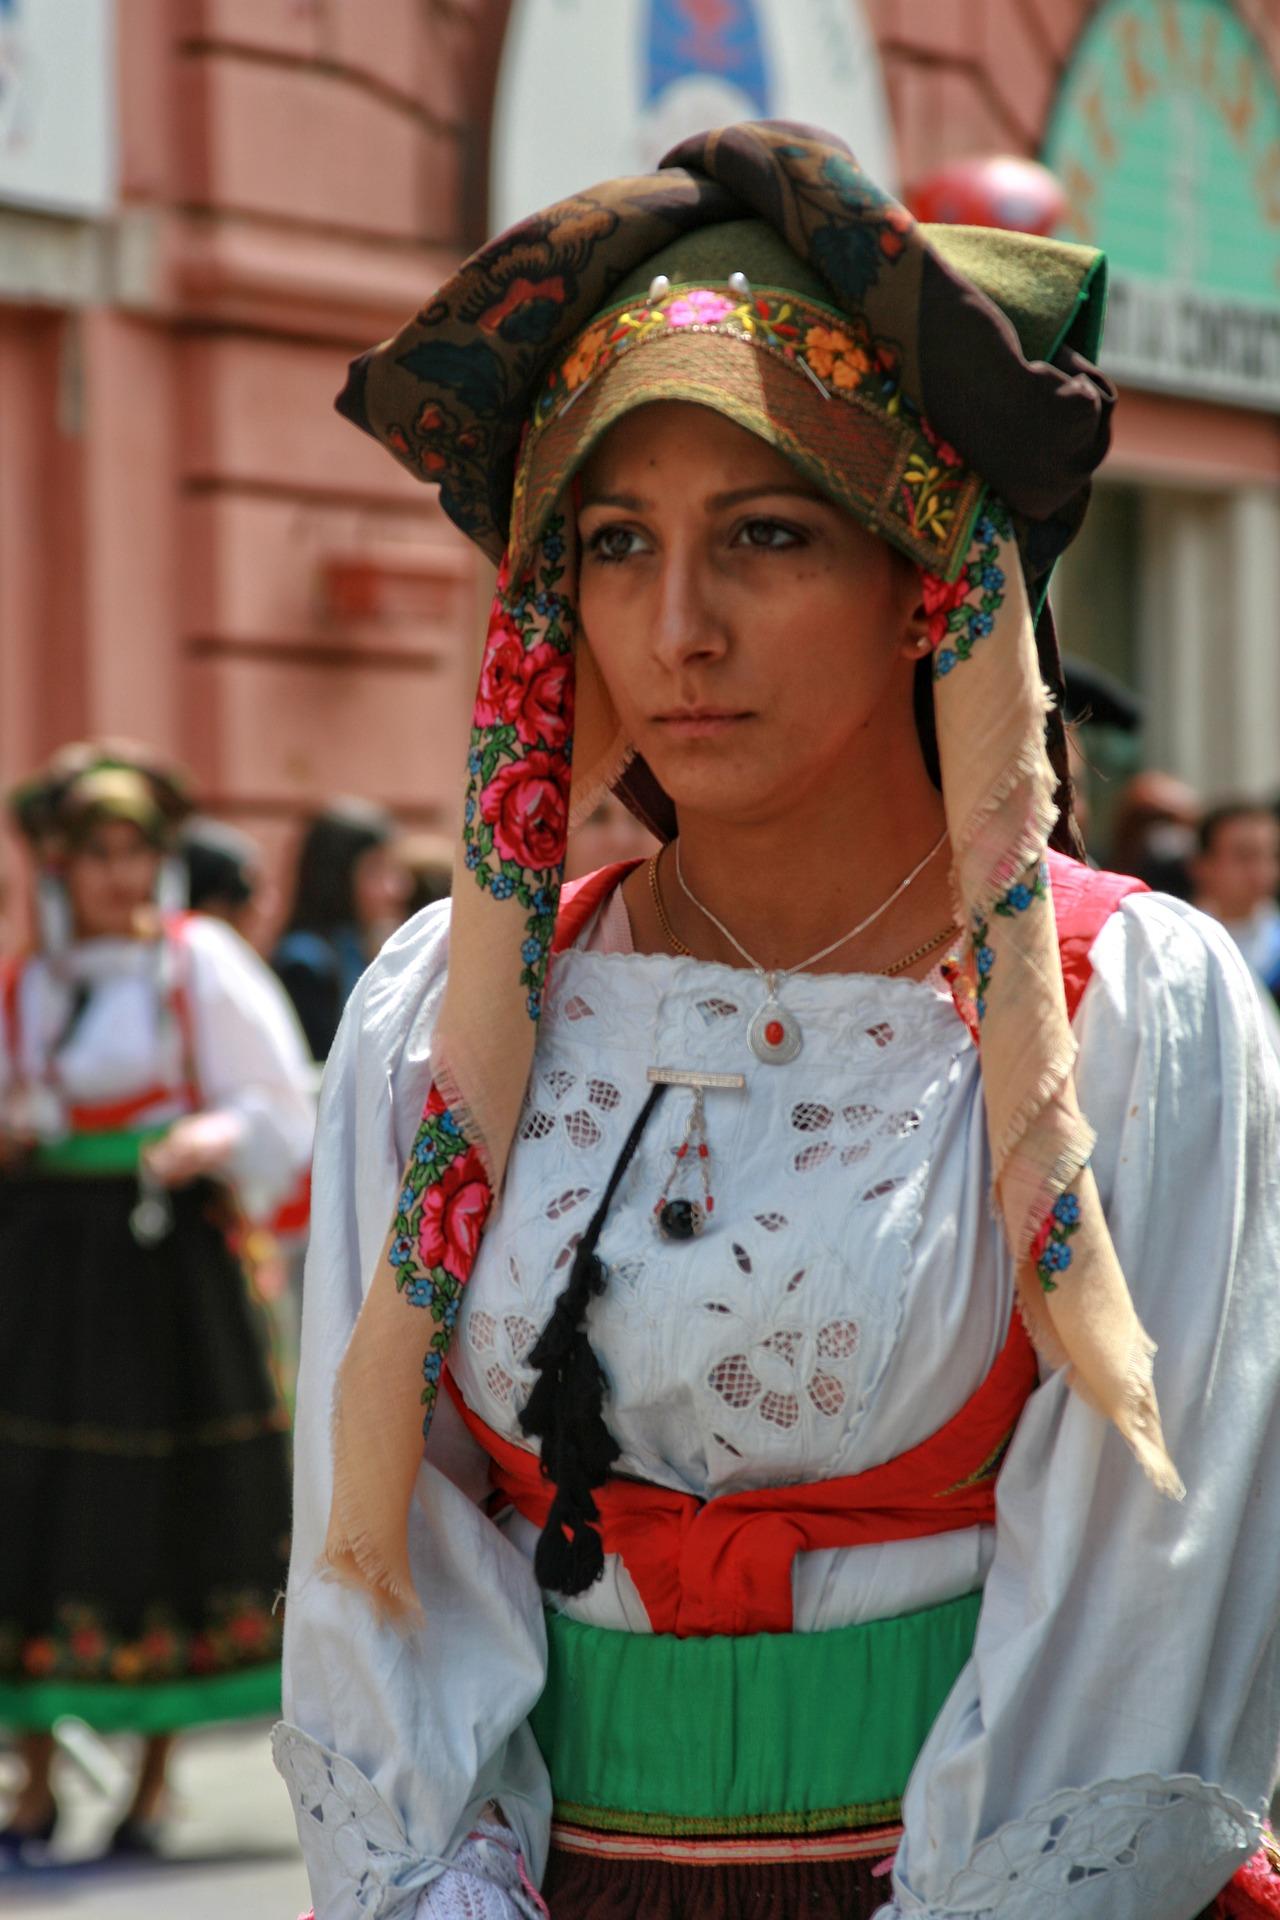 сардинія кальярі дівчина в національному костюмі